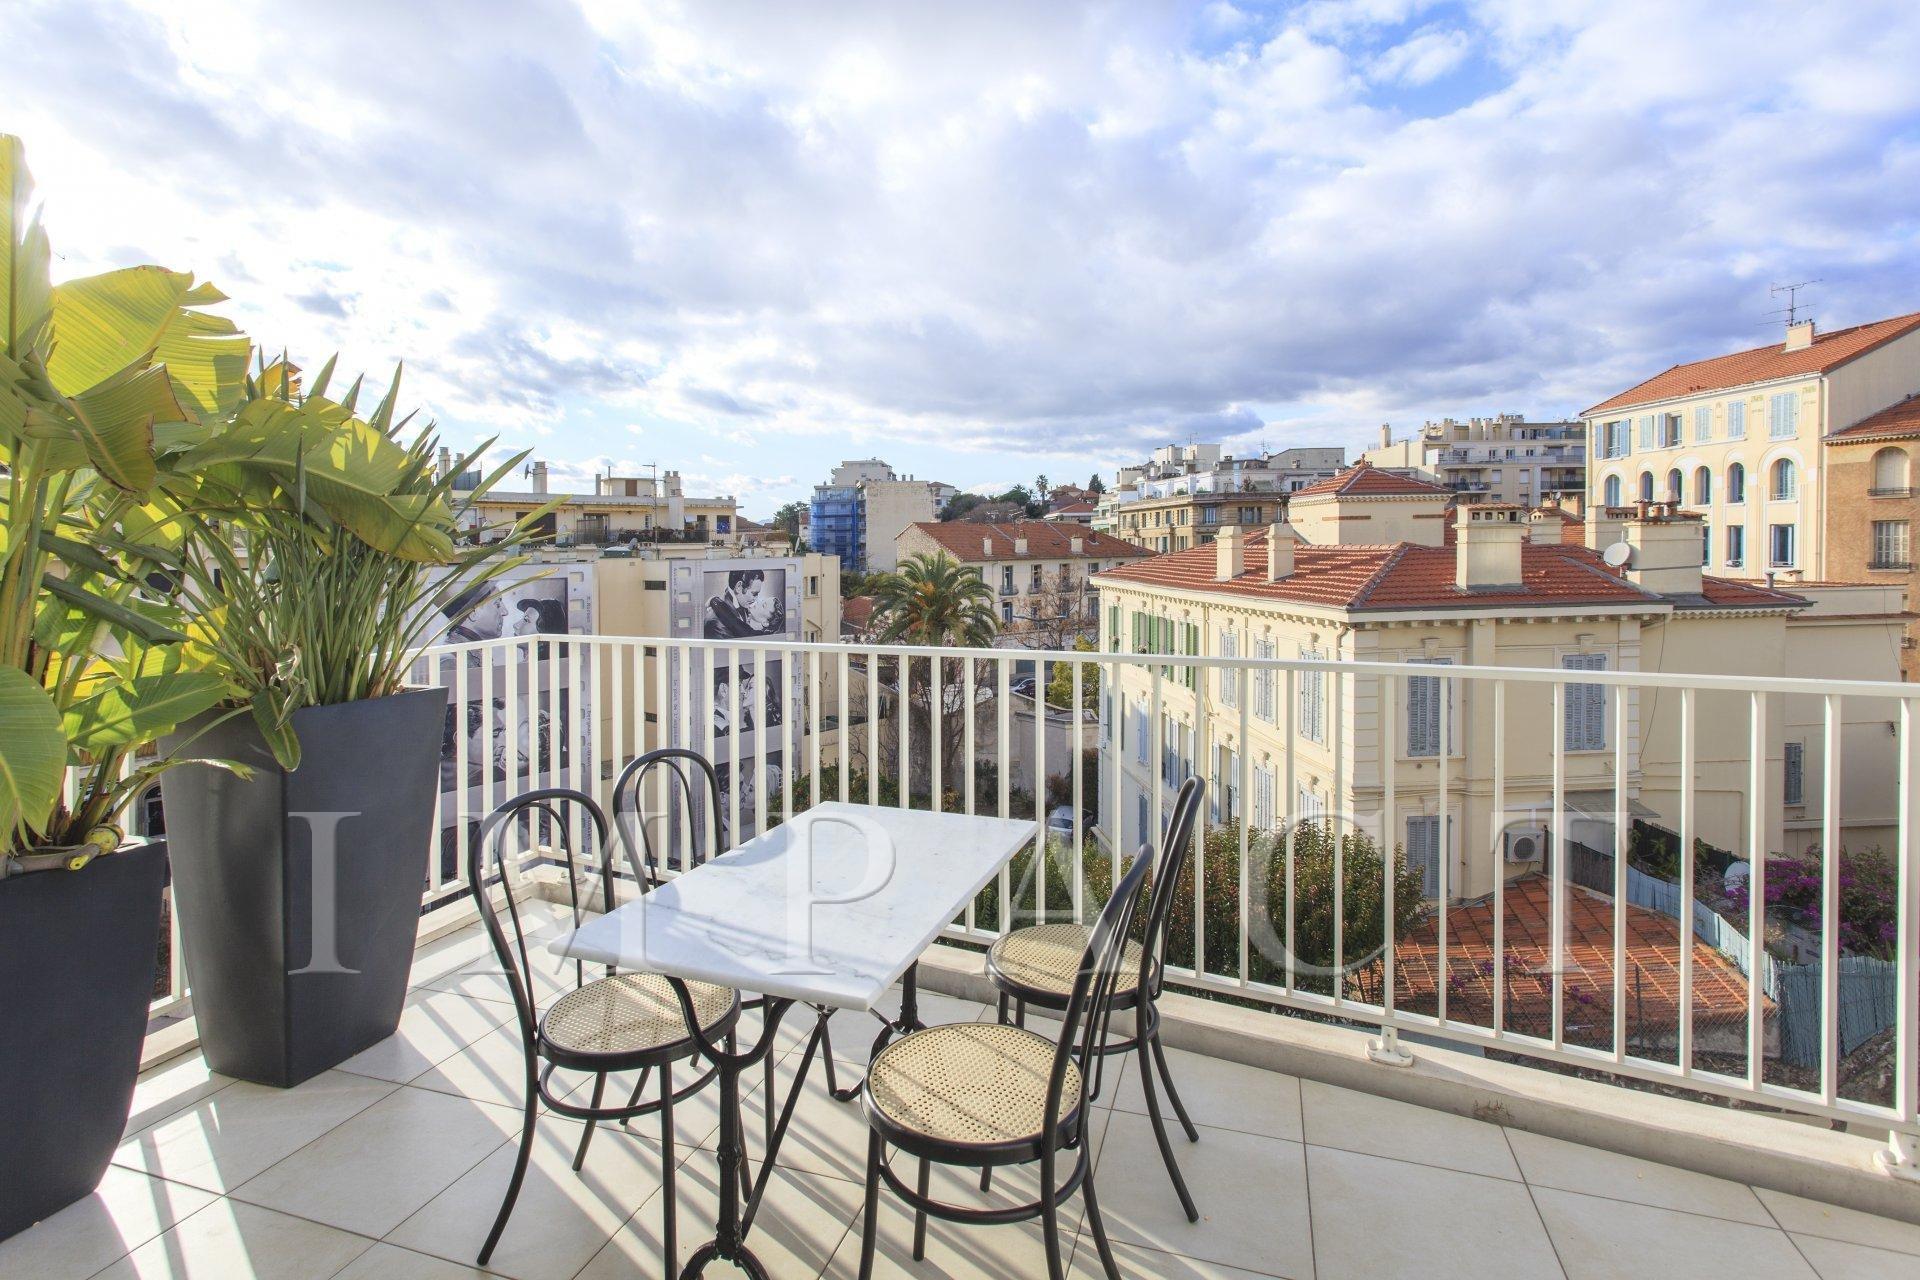 Appartement moderne Location saisonnière Cannes Centre